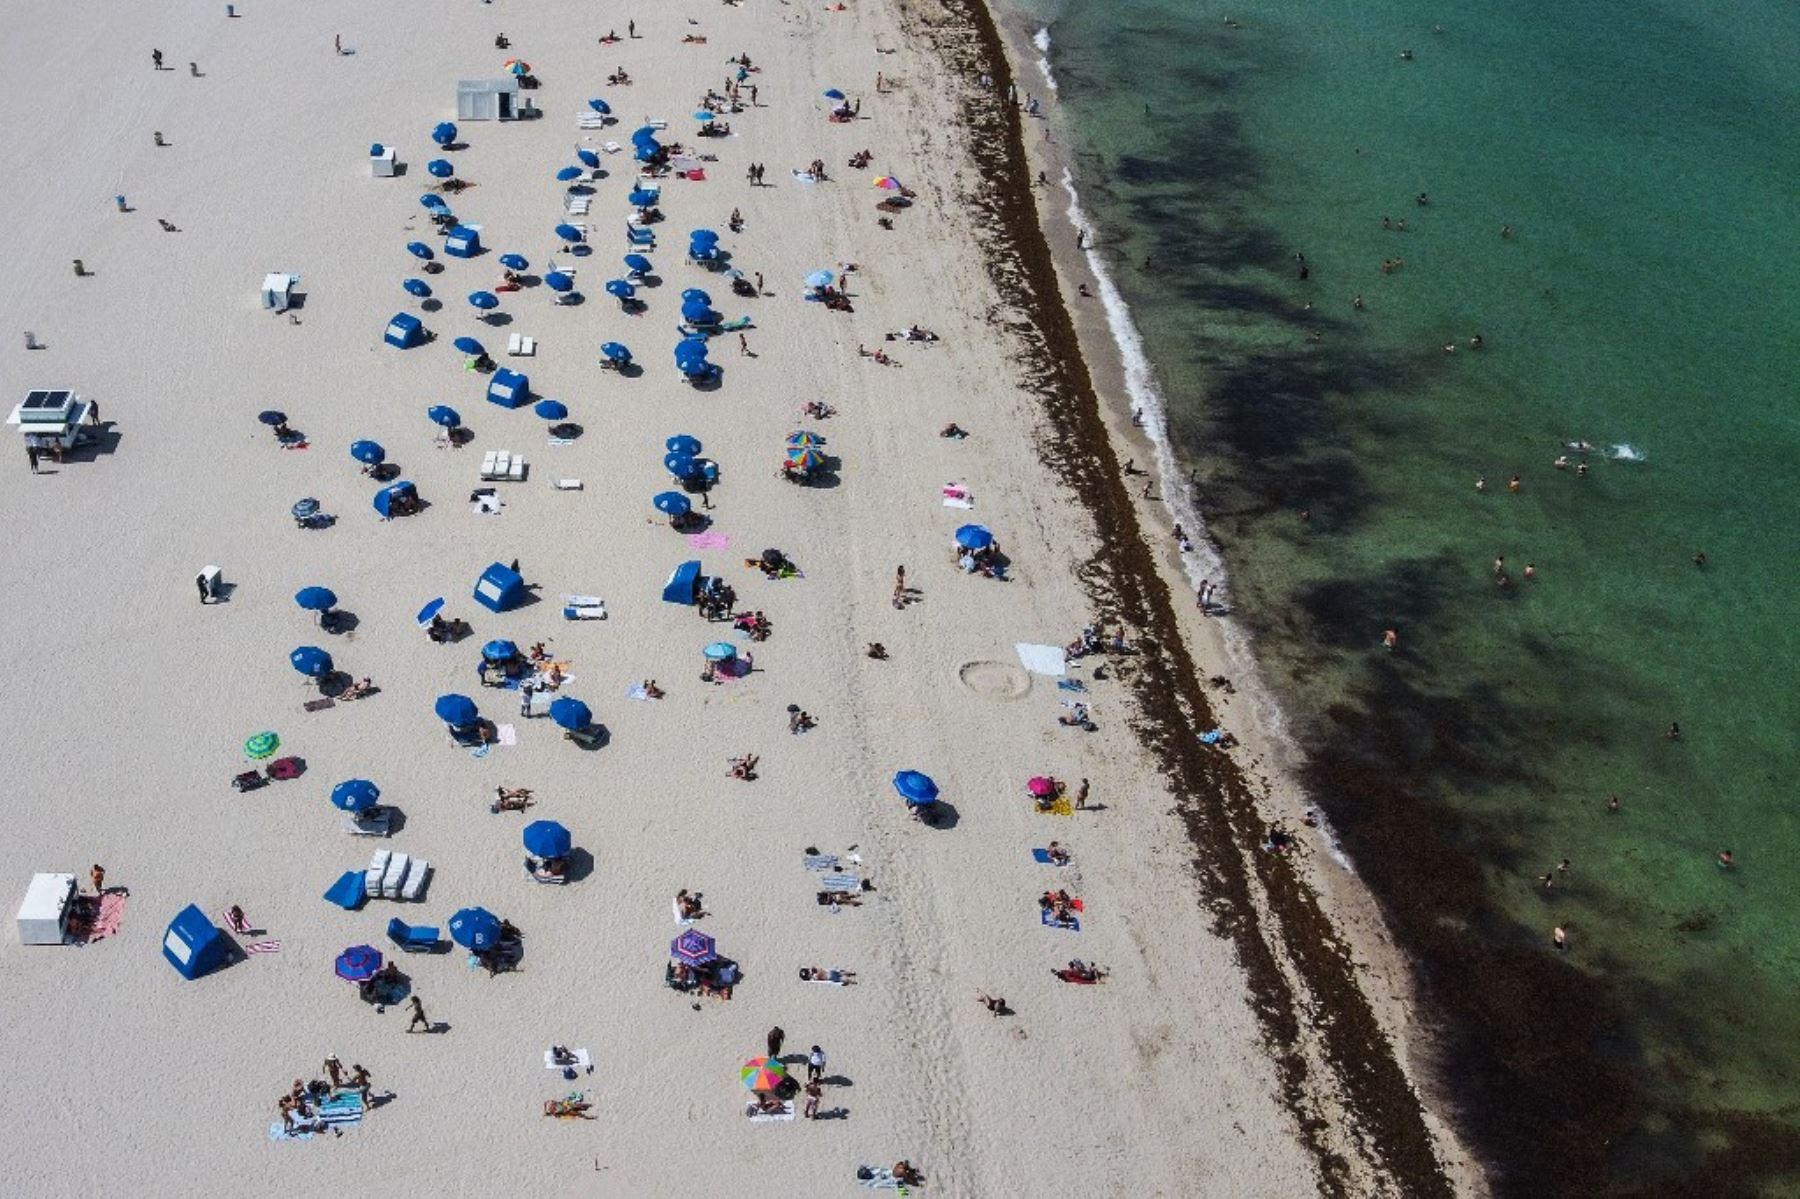 Una vista aérea muestra a personas en la arena en Miami Beach, Florida. Foto: AFP